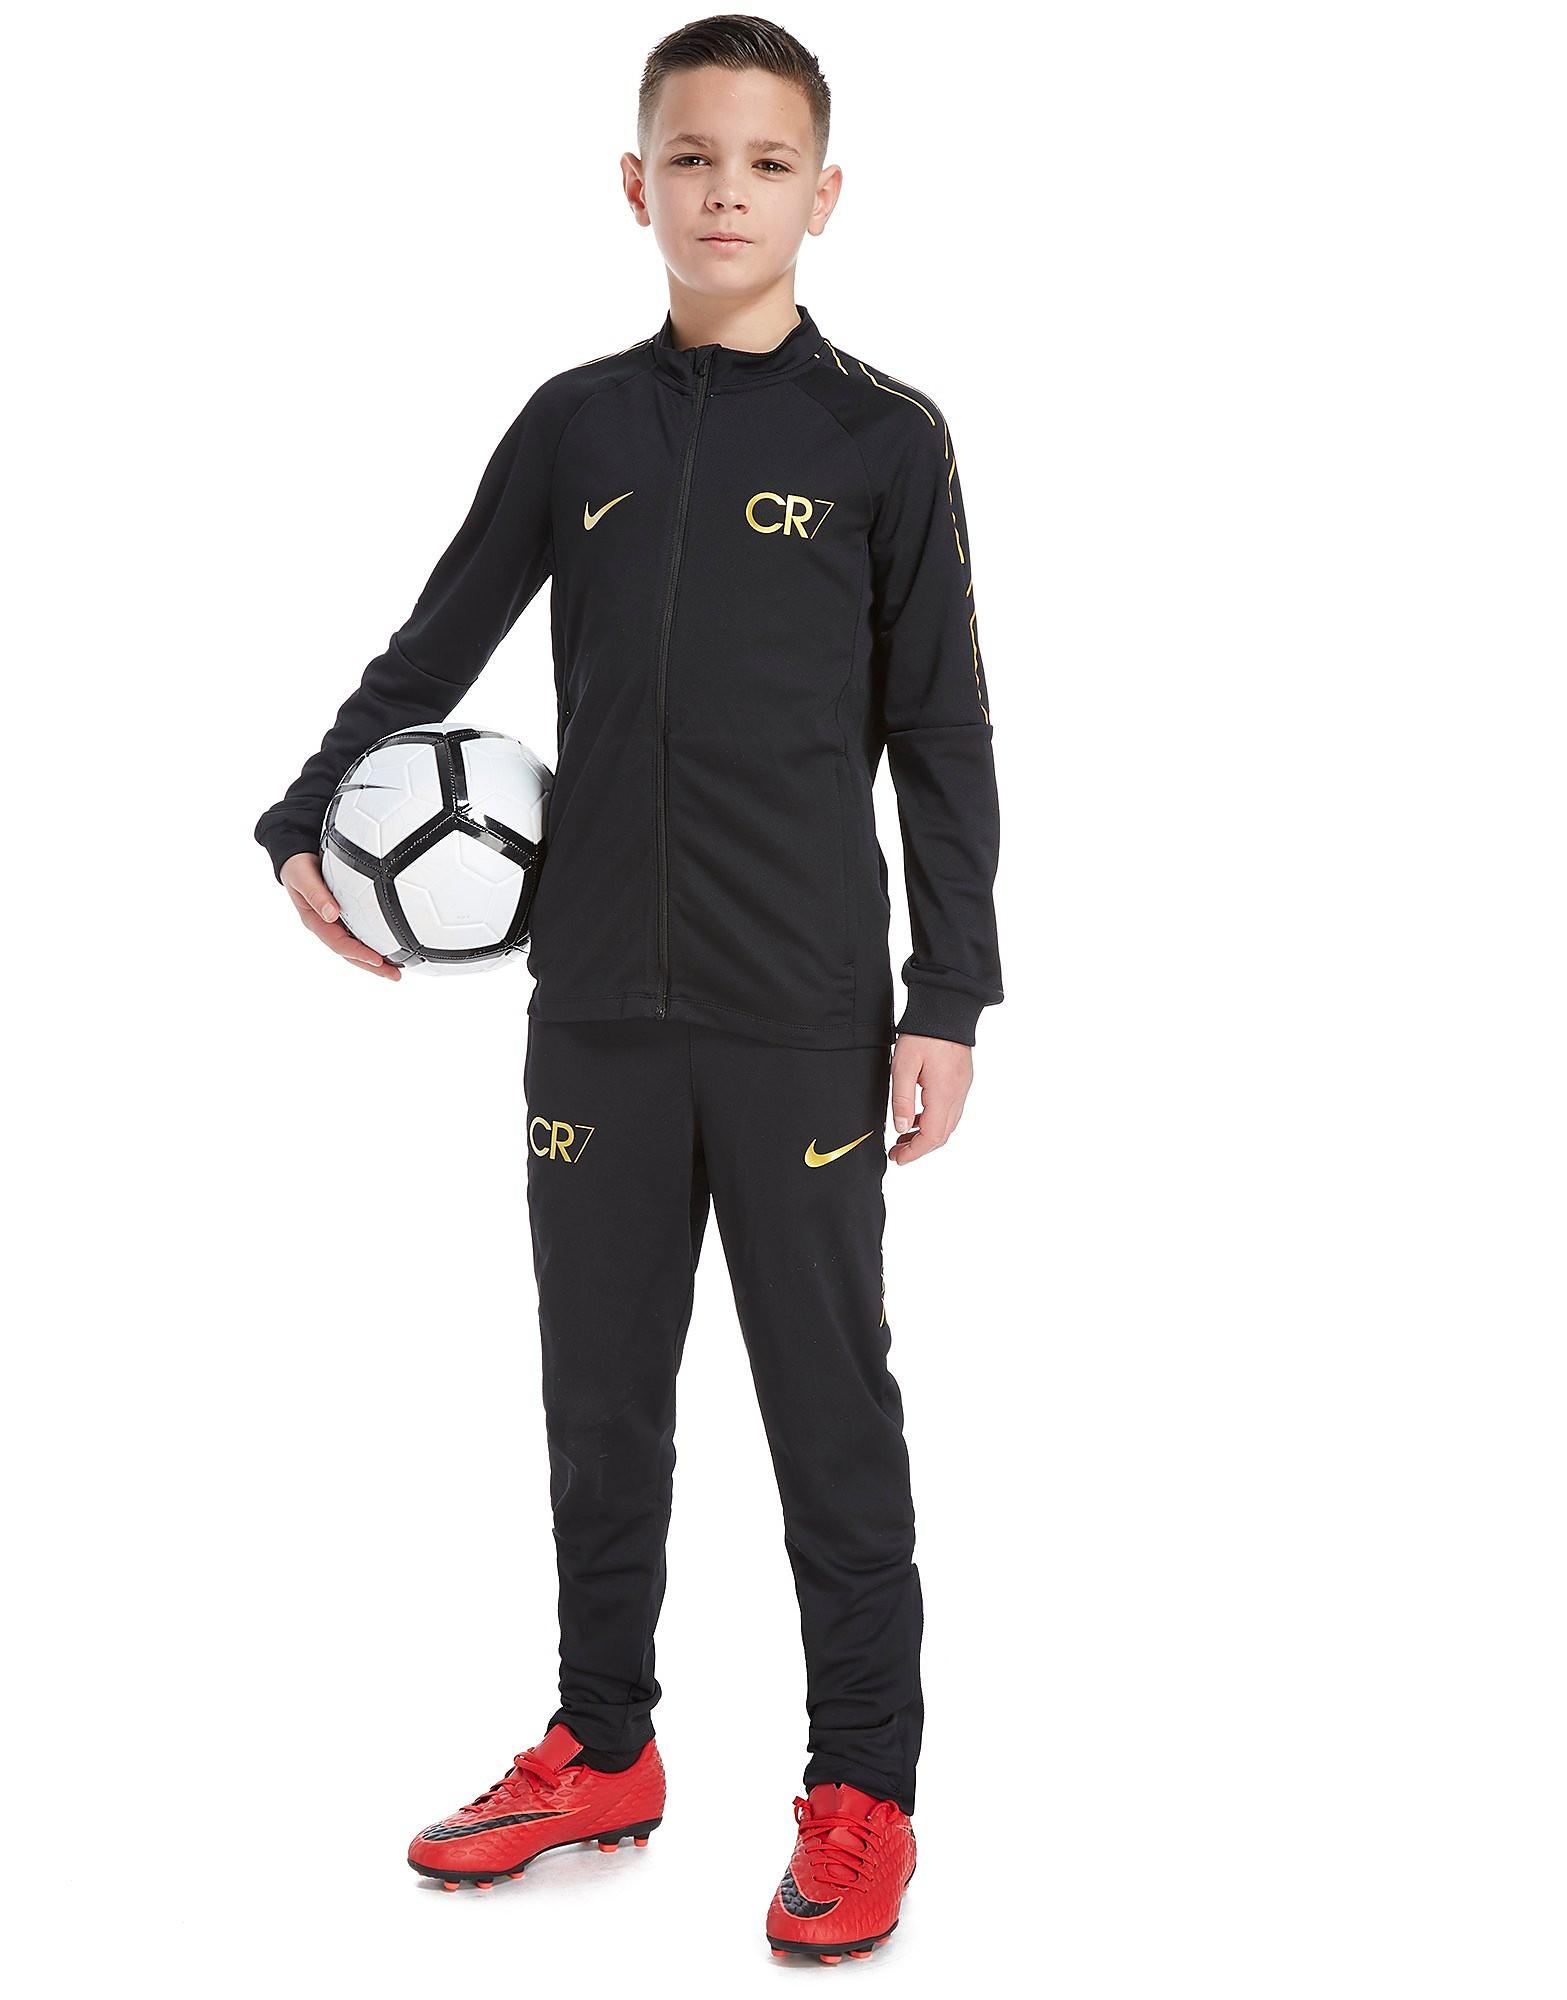 Nike Ensemble CR7 Junior